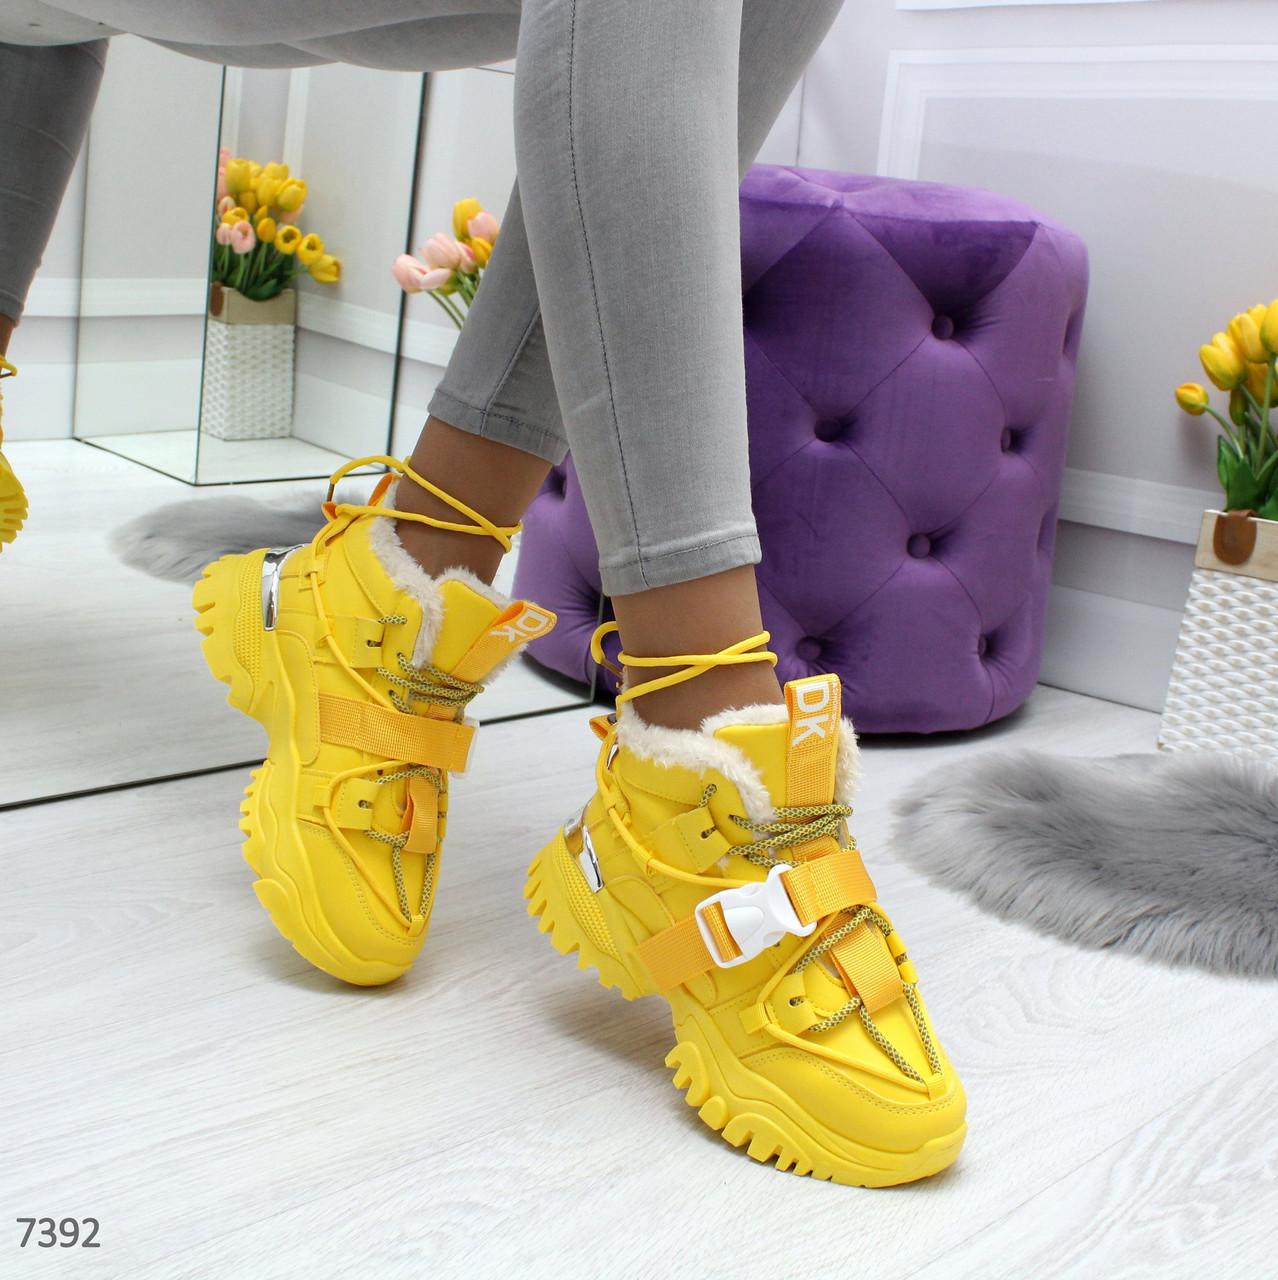 Крутые яркие желтые зимние женские кроссовки сникерсы зима 2020-2021